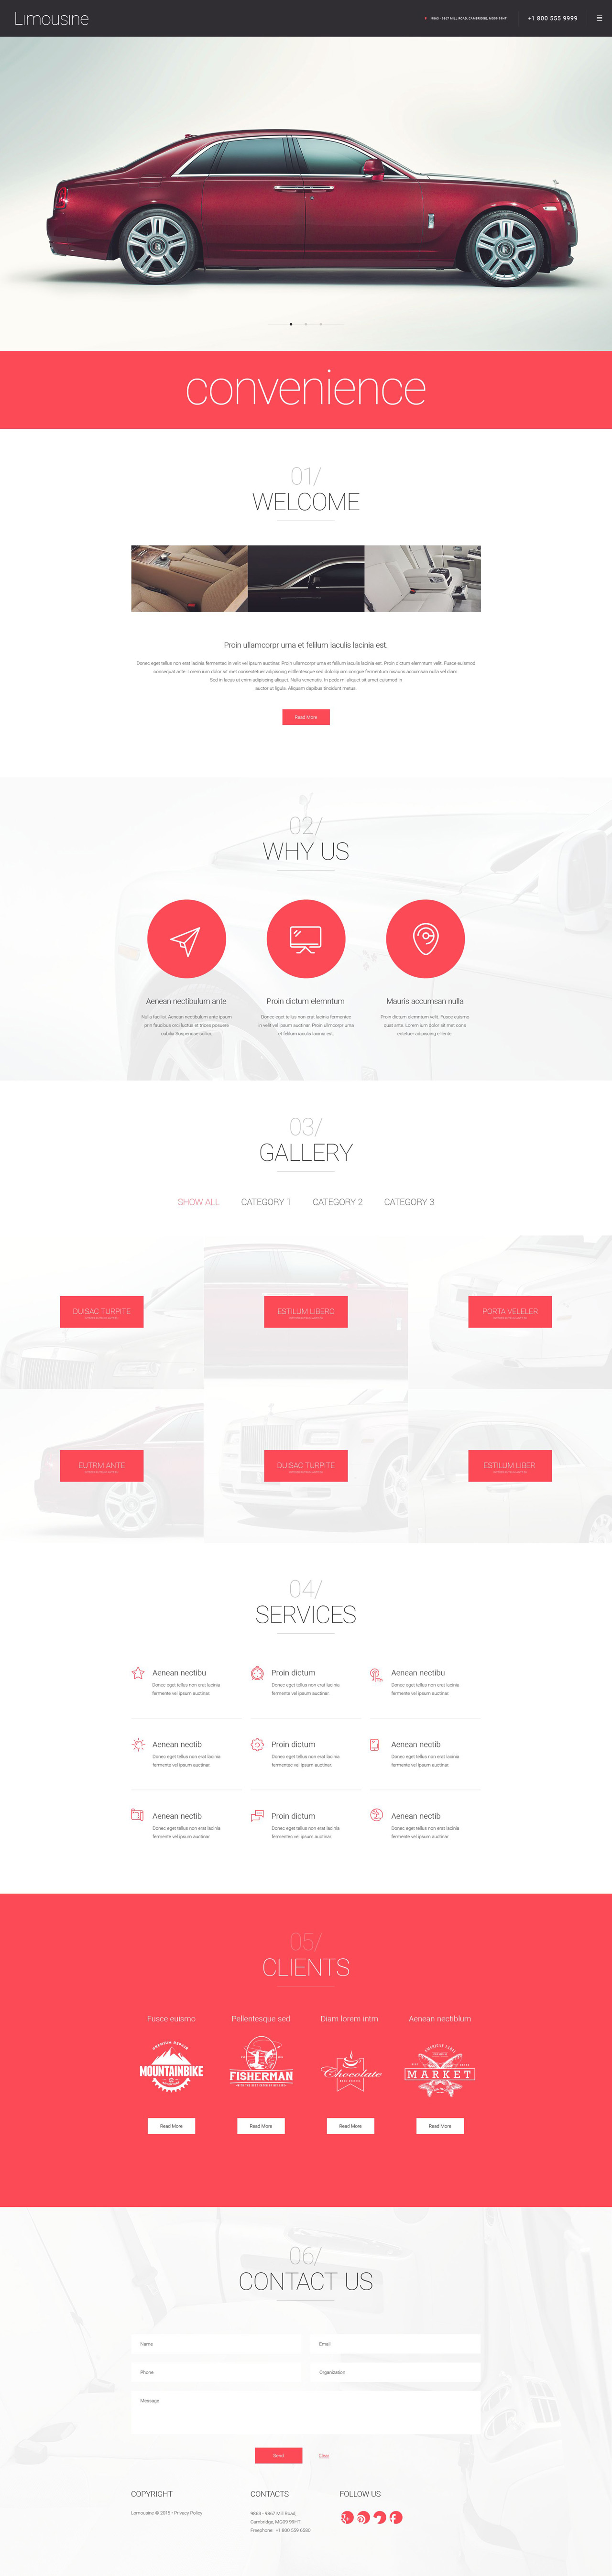 szablon-wordpress-55049-na-temat-limuzyna-uslugi